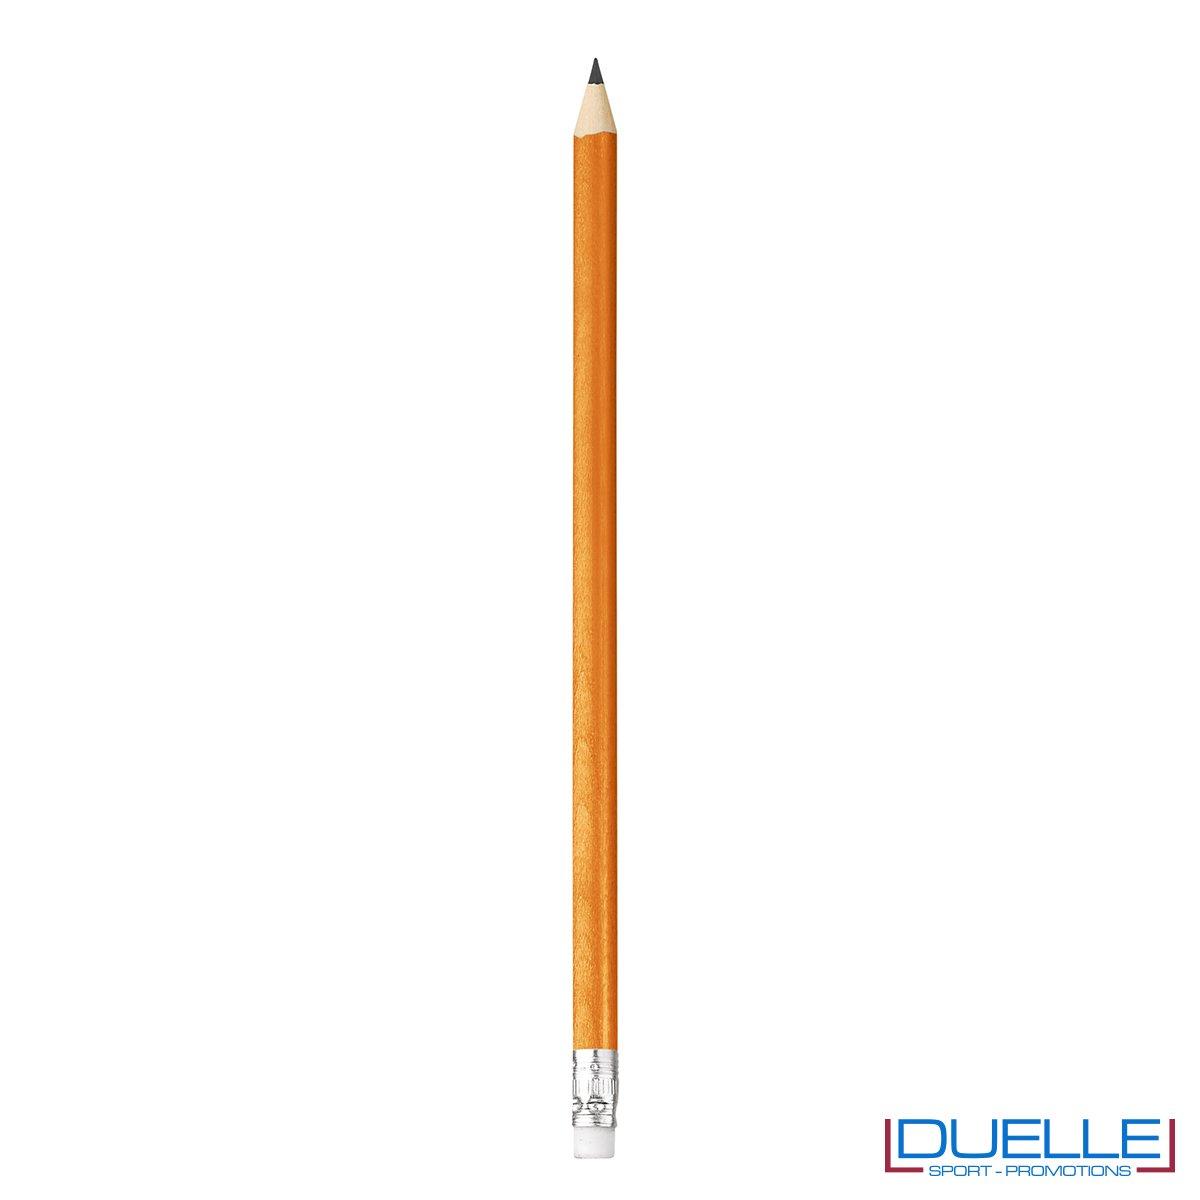 matita personalizzabile legno 100% naturale arancione con gomma incorporata, gadget da scrivania